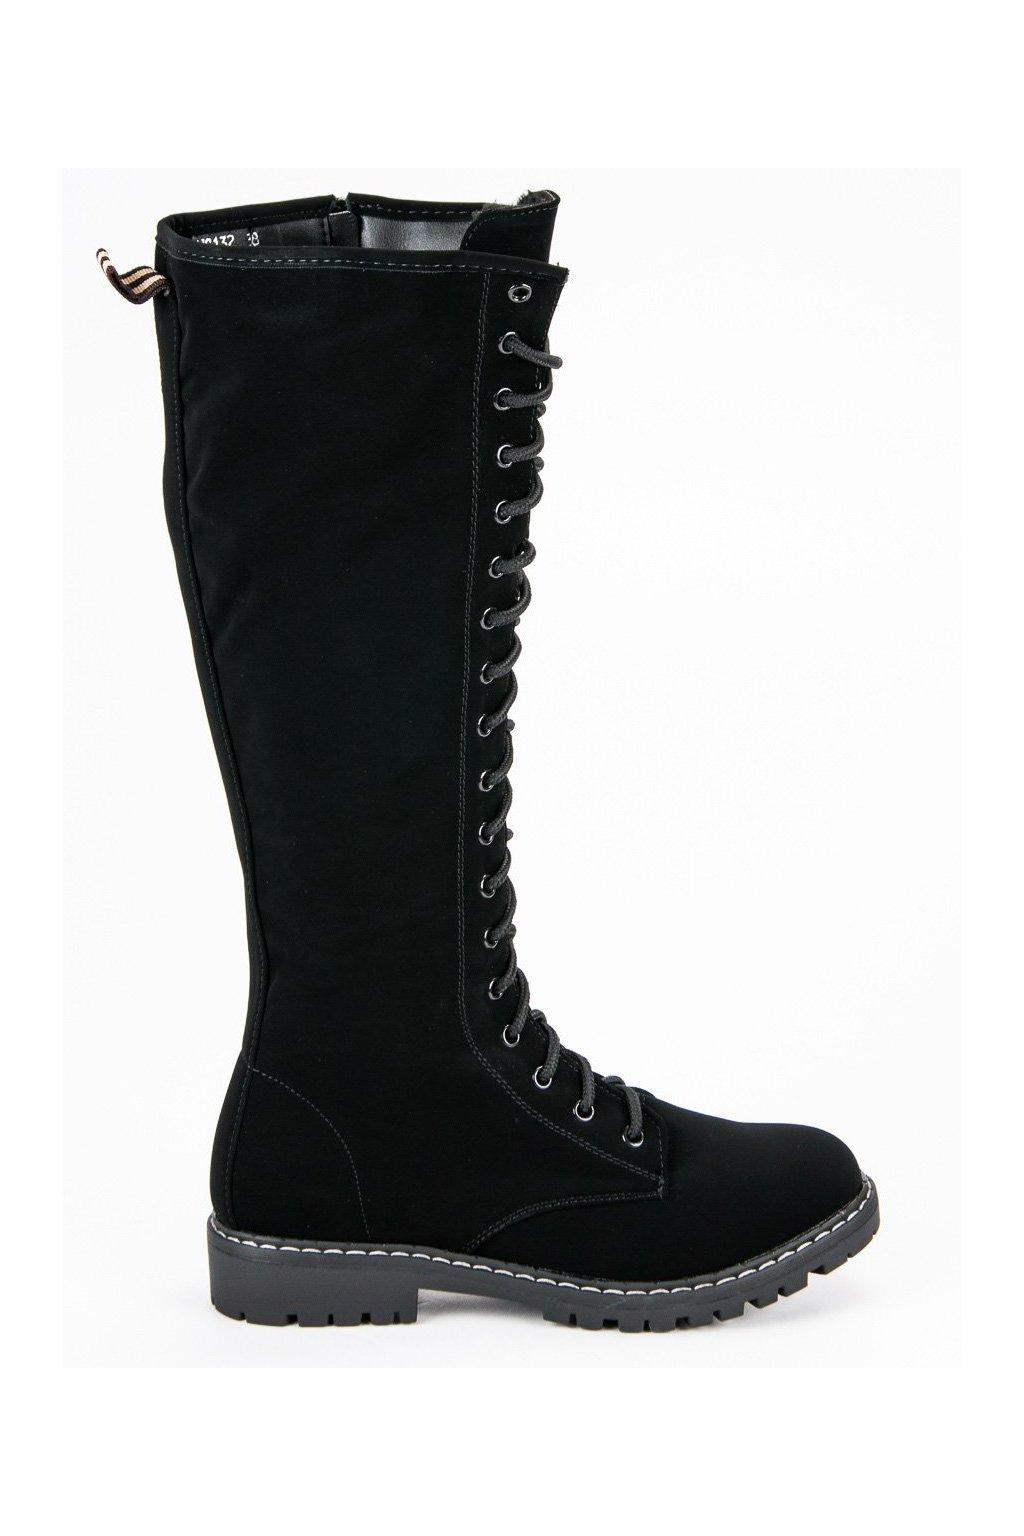 33e843ae45 Výpredaj obuvi za najlepšie ceny na Svk cz - NAJ.SK